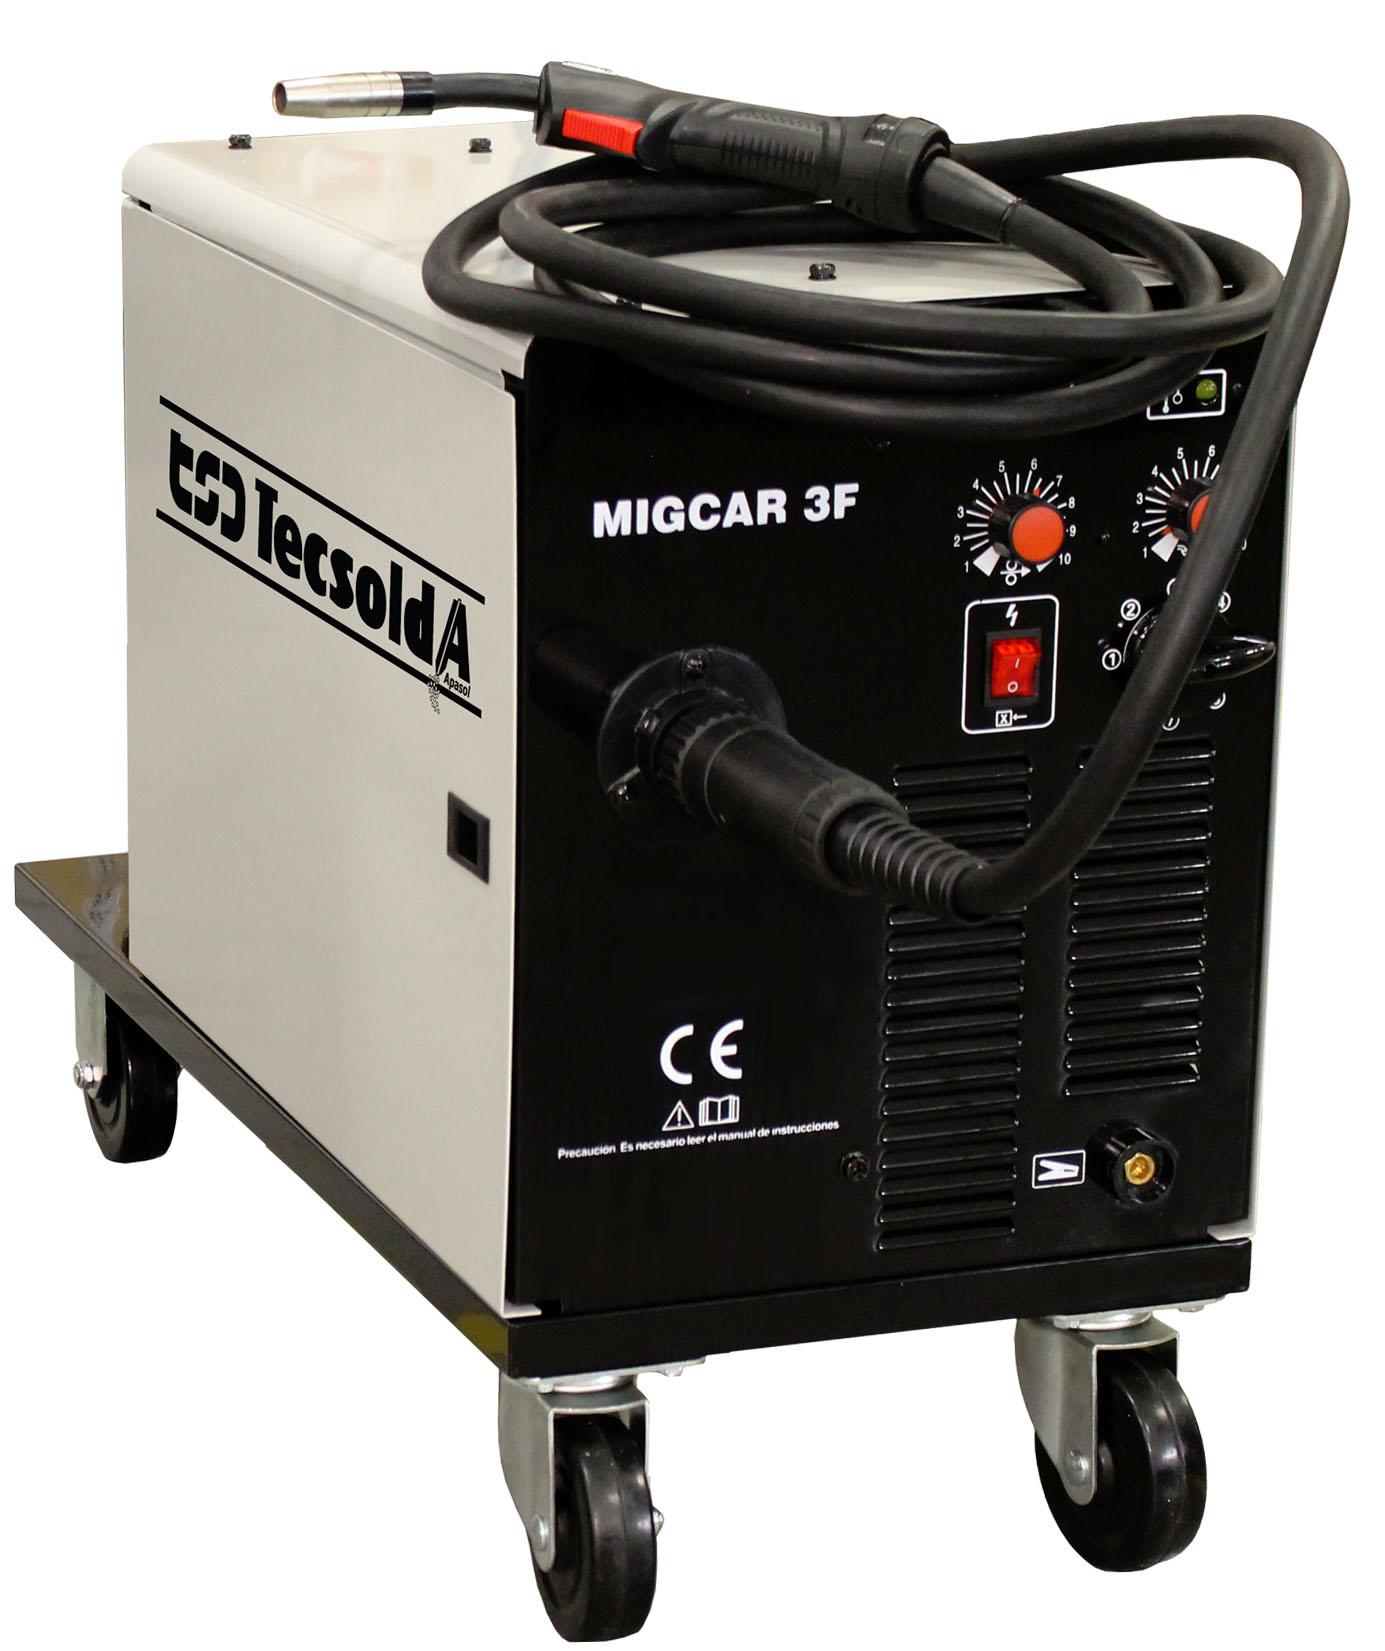 TSD-Tecsolda MIGCAR 3F Equipos para la soldadura MIG